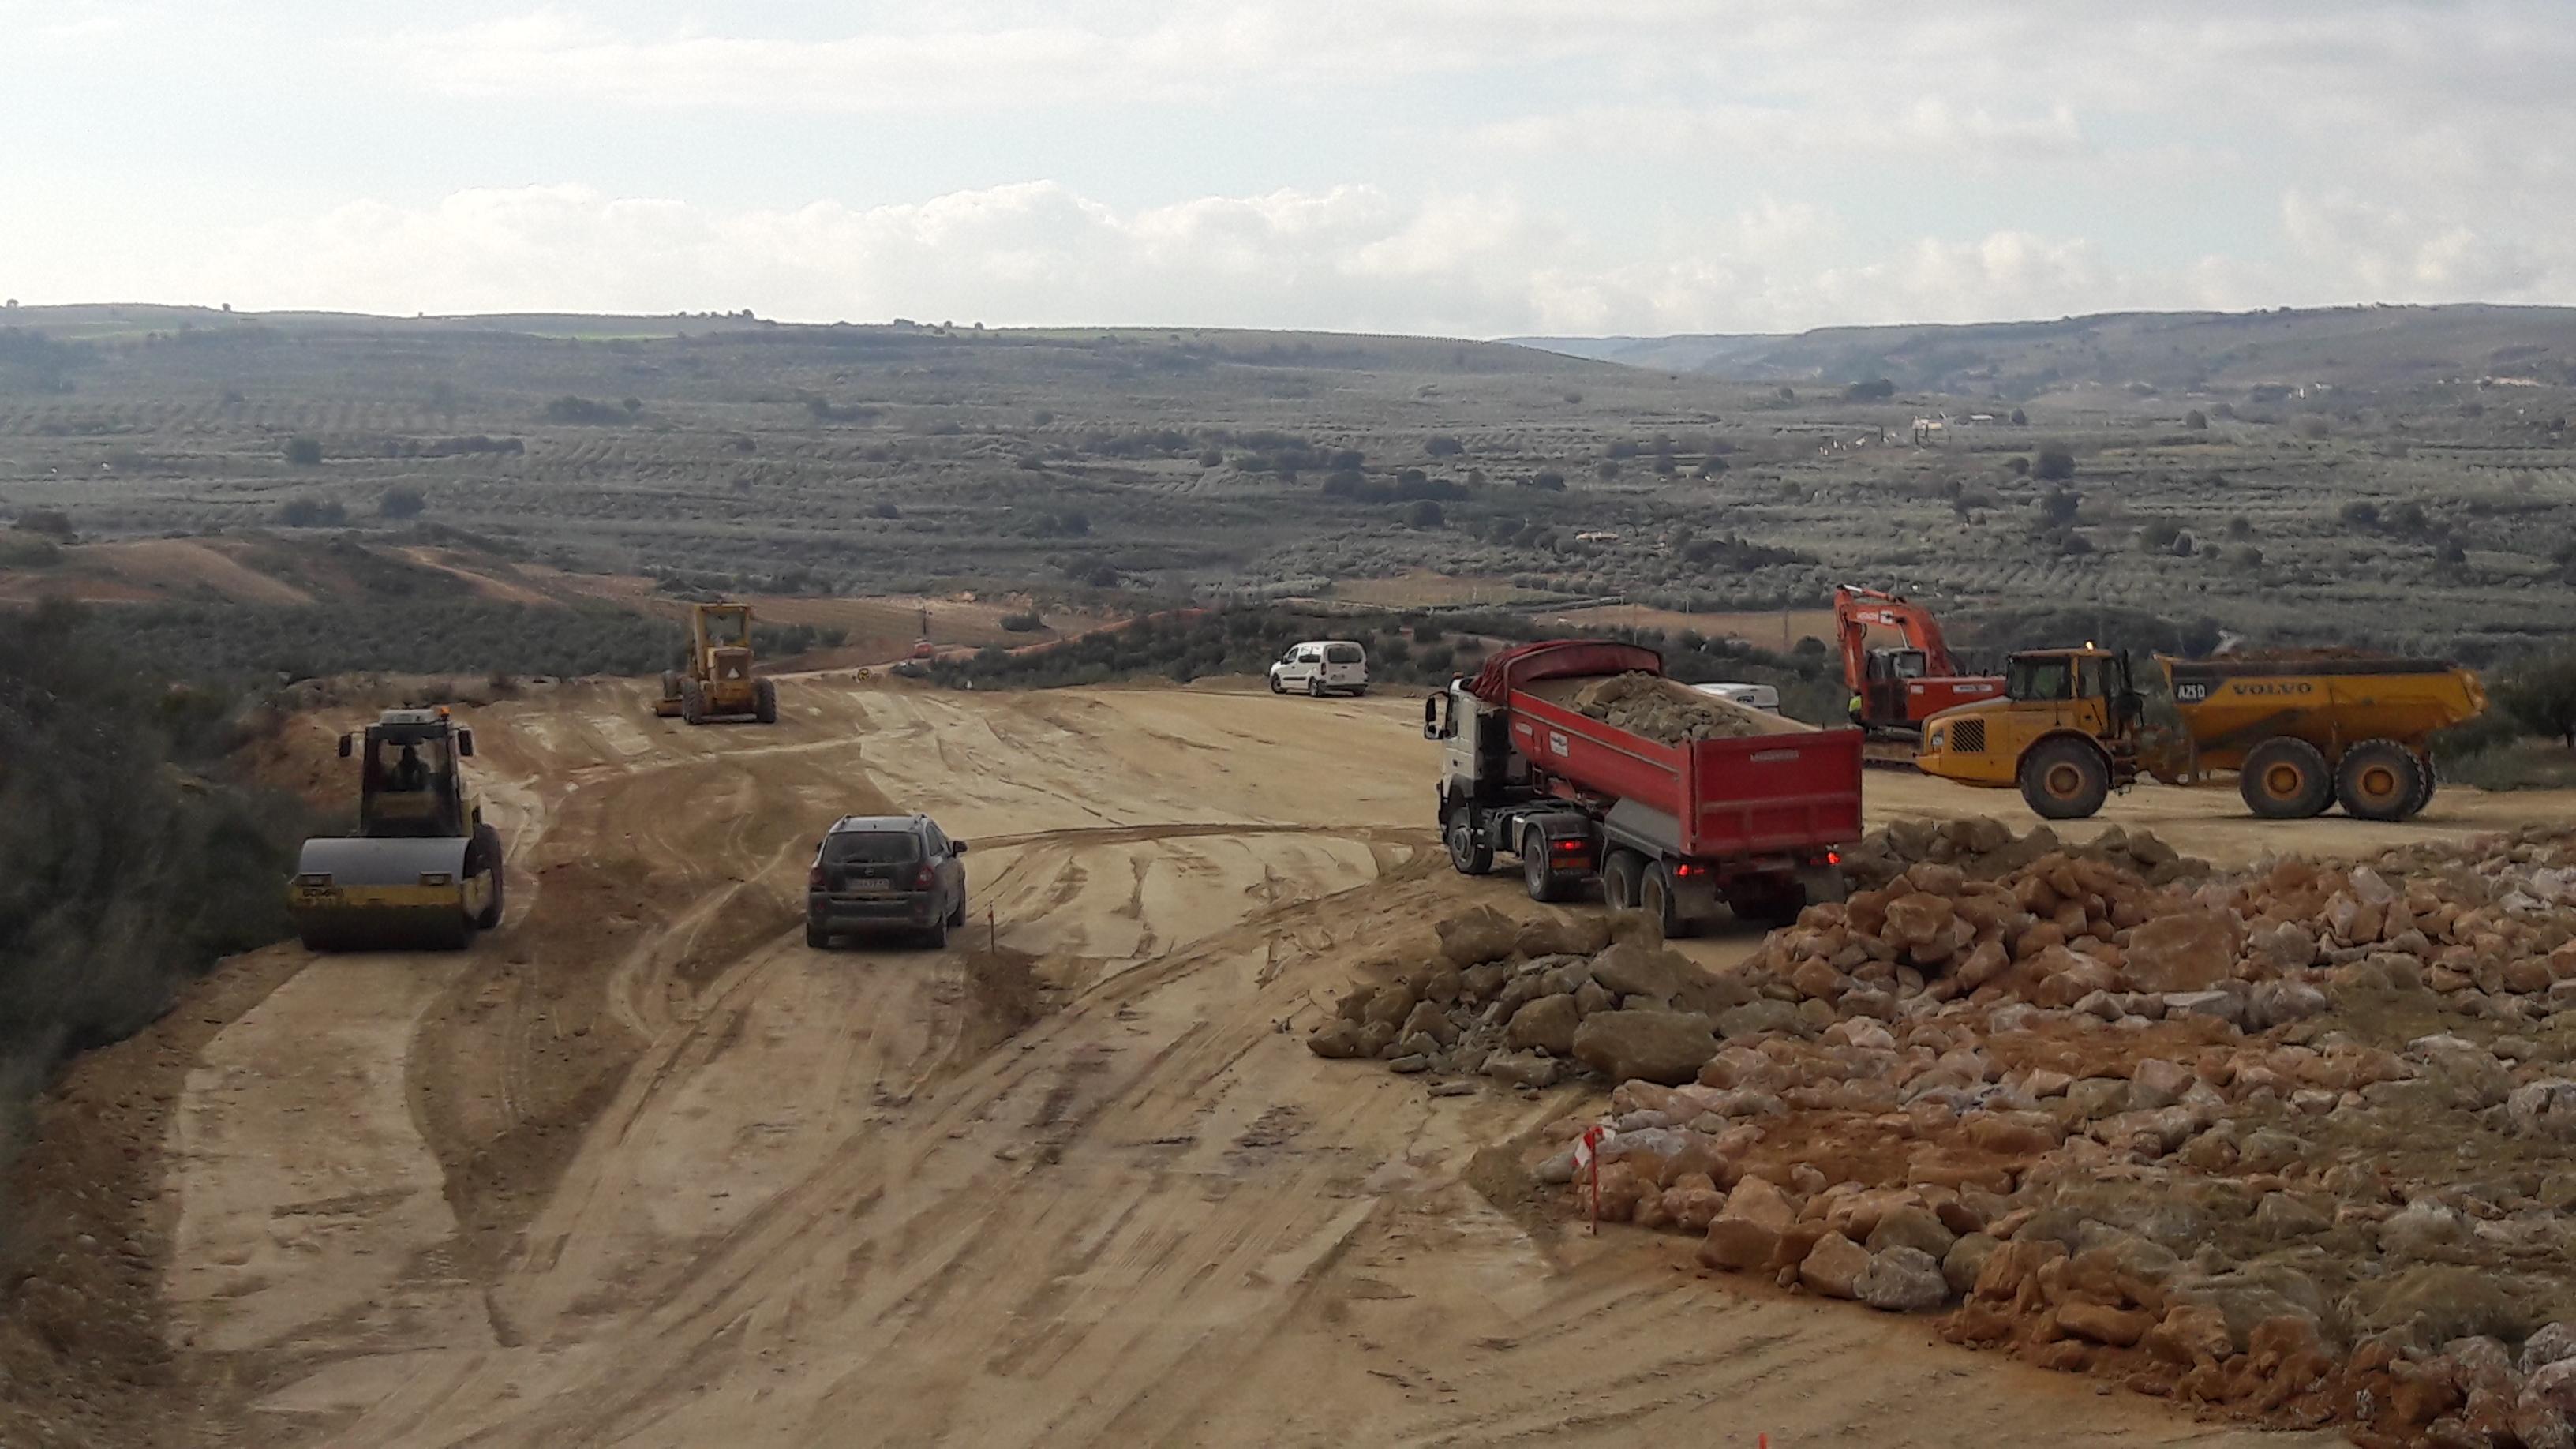 Maquinaria que está llevando a cabo las labores de movimientos de tierras.